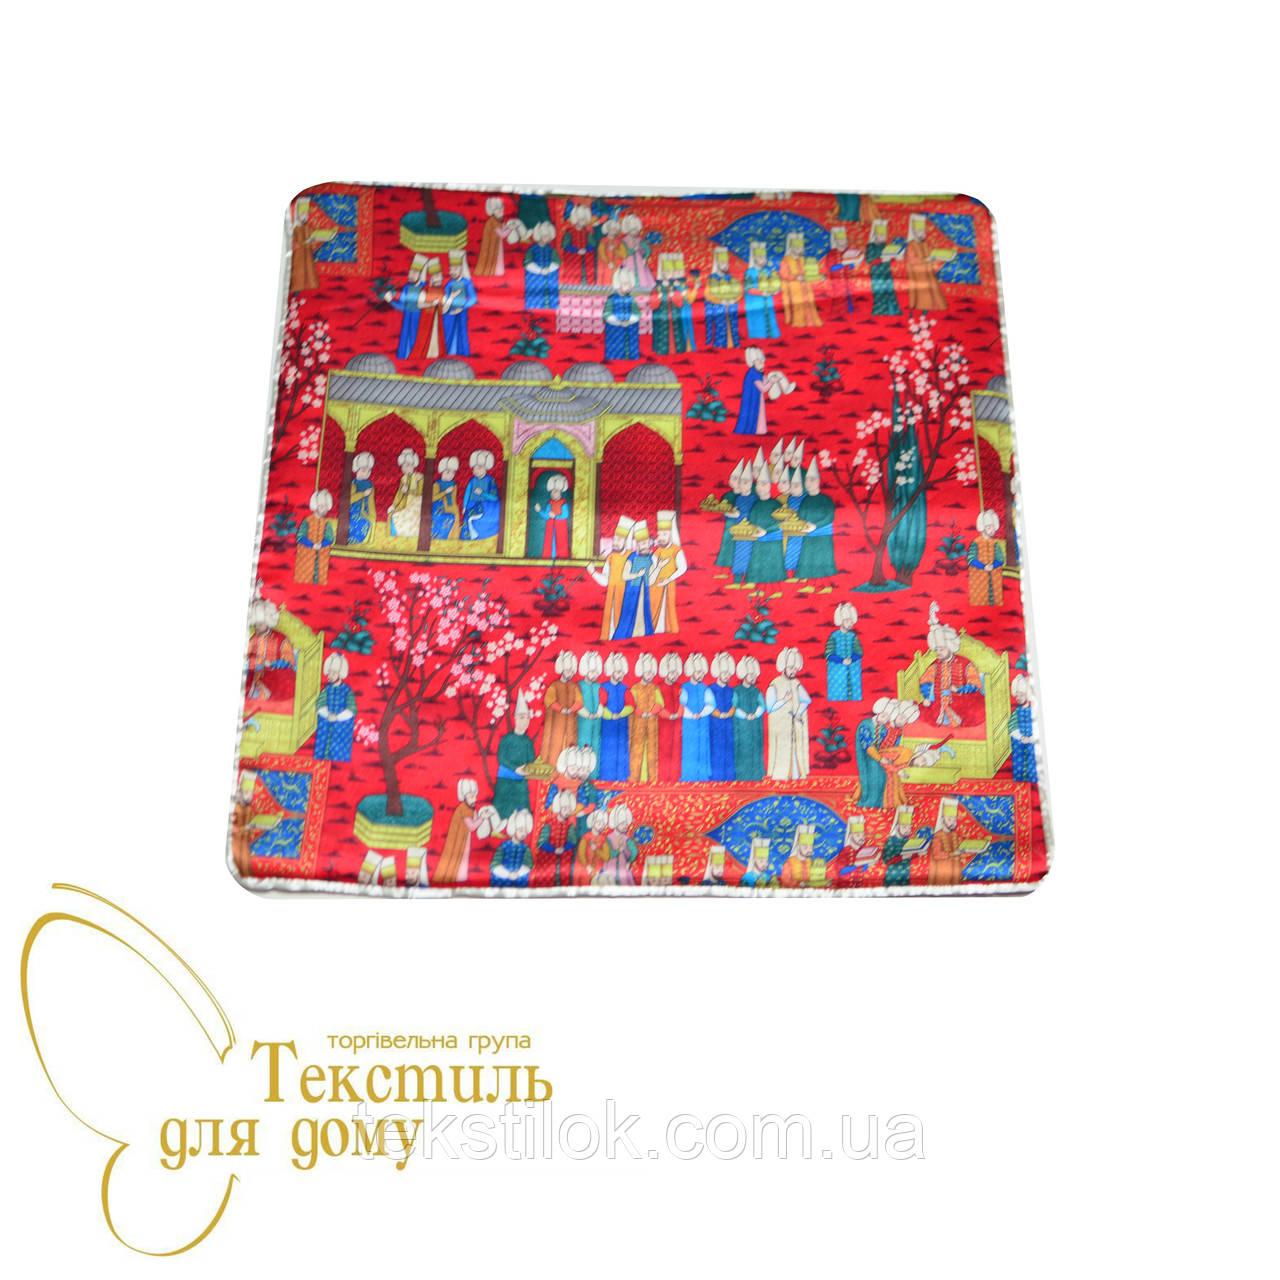 Наволочка декоративная Султан Miniatur, шелк, красный